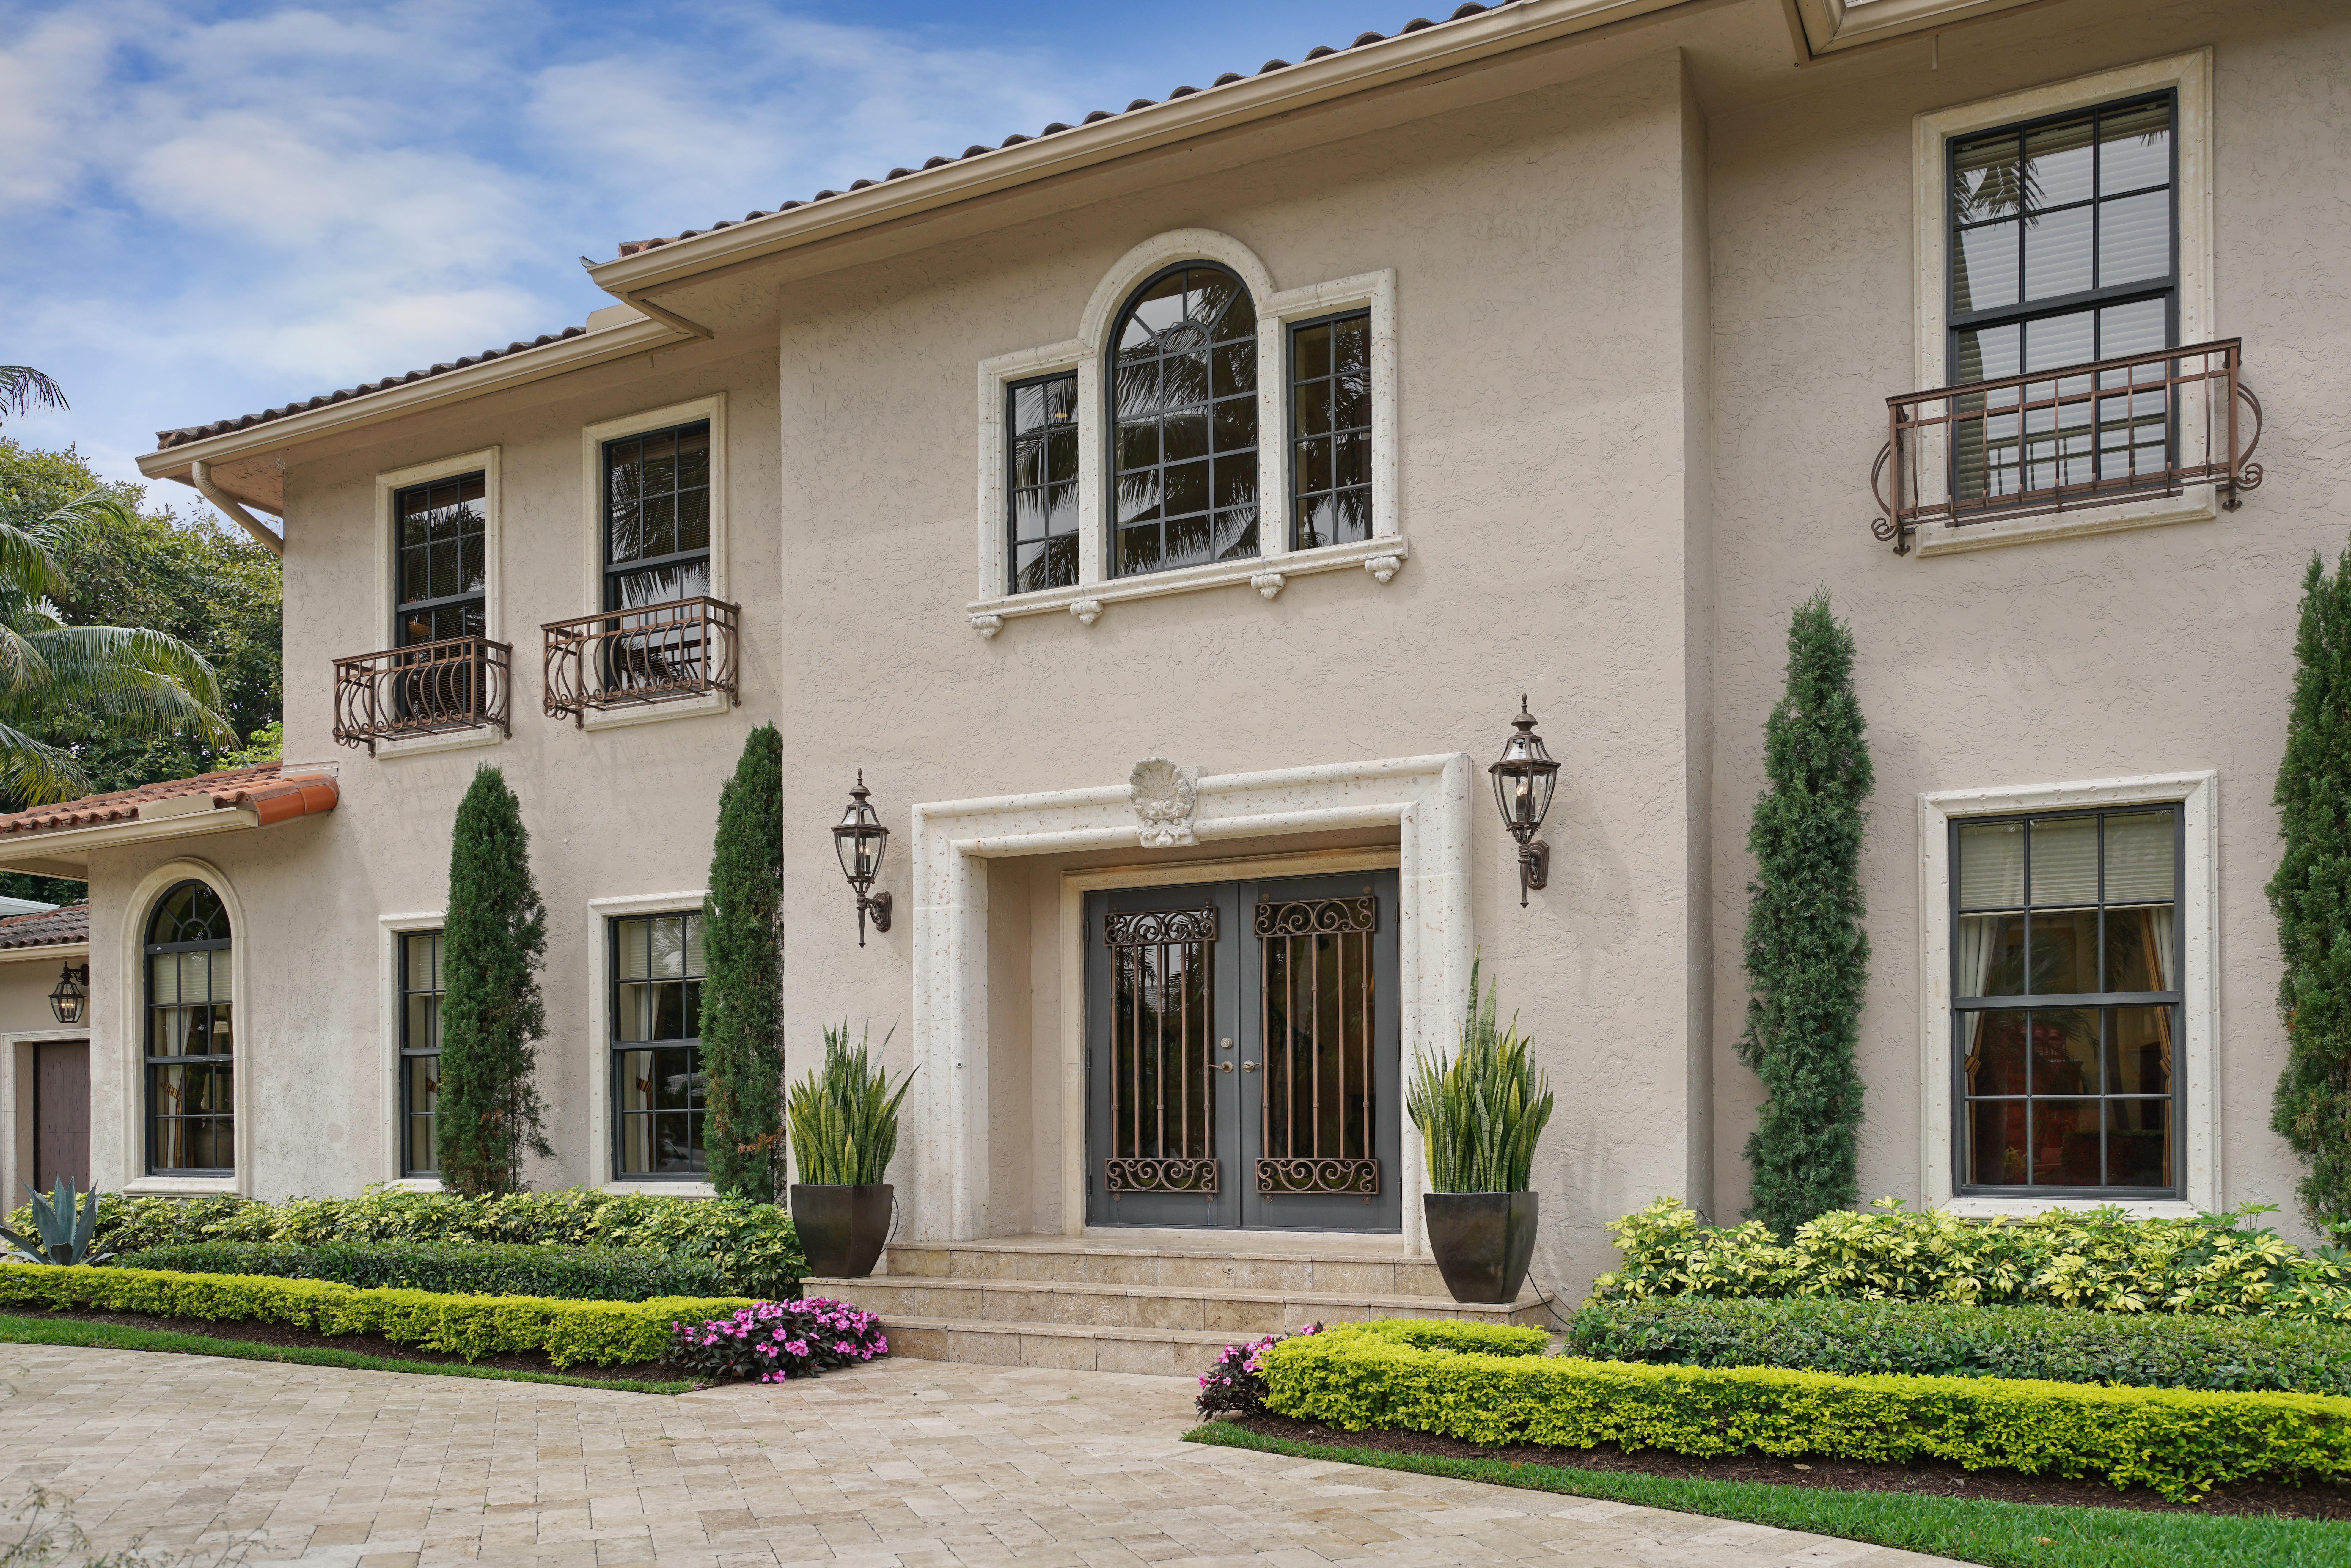 단독 가정 주택 용 매매 에 73 Nurmi Dr Fort Lauderdale, 플로리다, 33301 미국